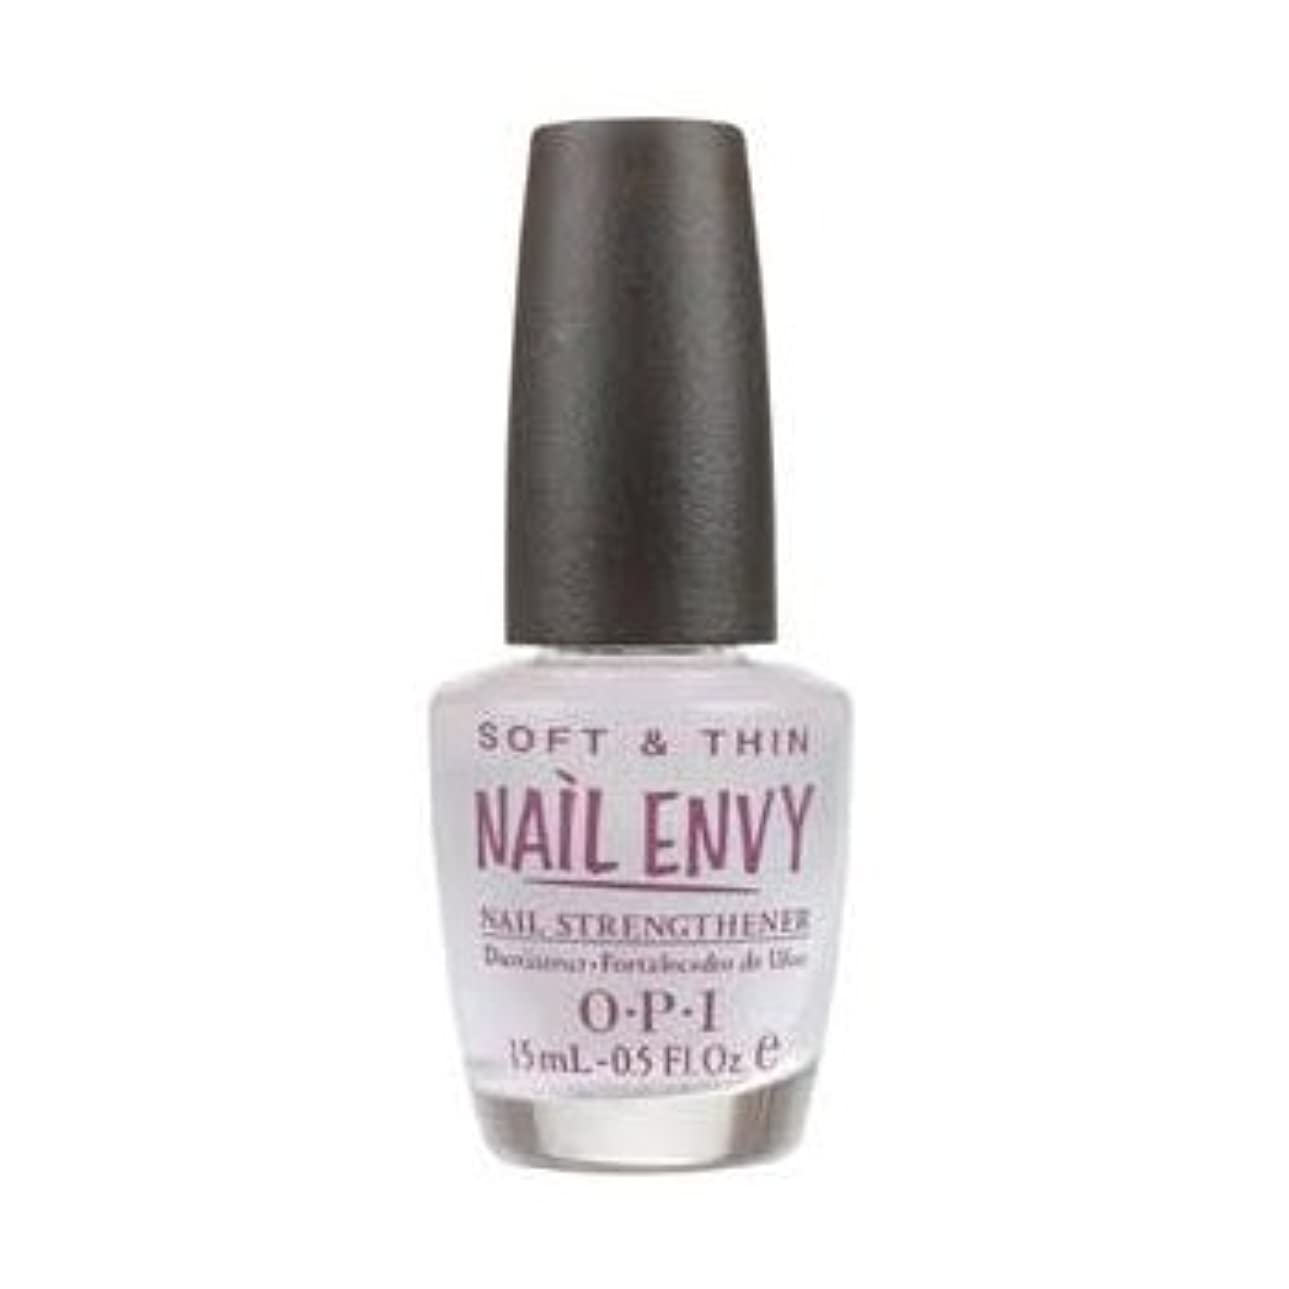 バズルート理解OPI Nail Polish Nail Envy Soft & Thin Natural Nail Strengthener For Soft, Thin Nails